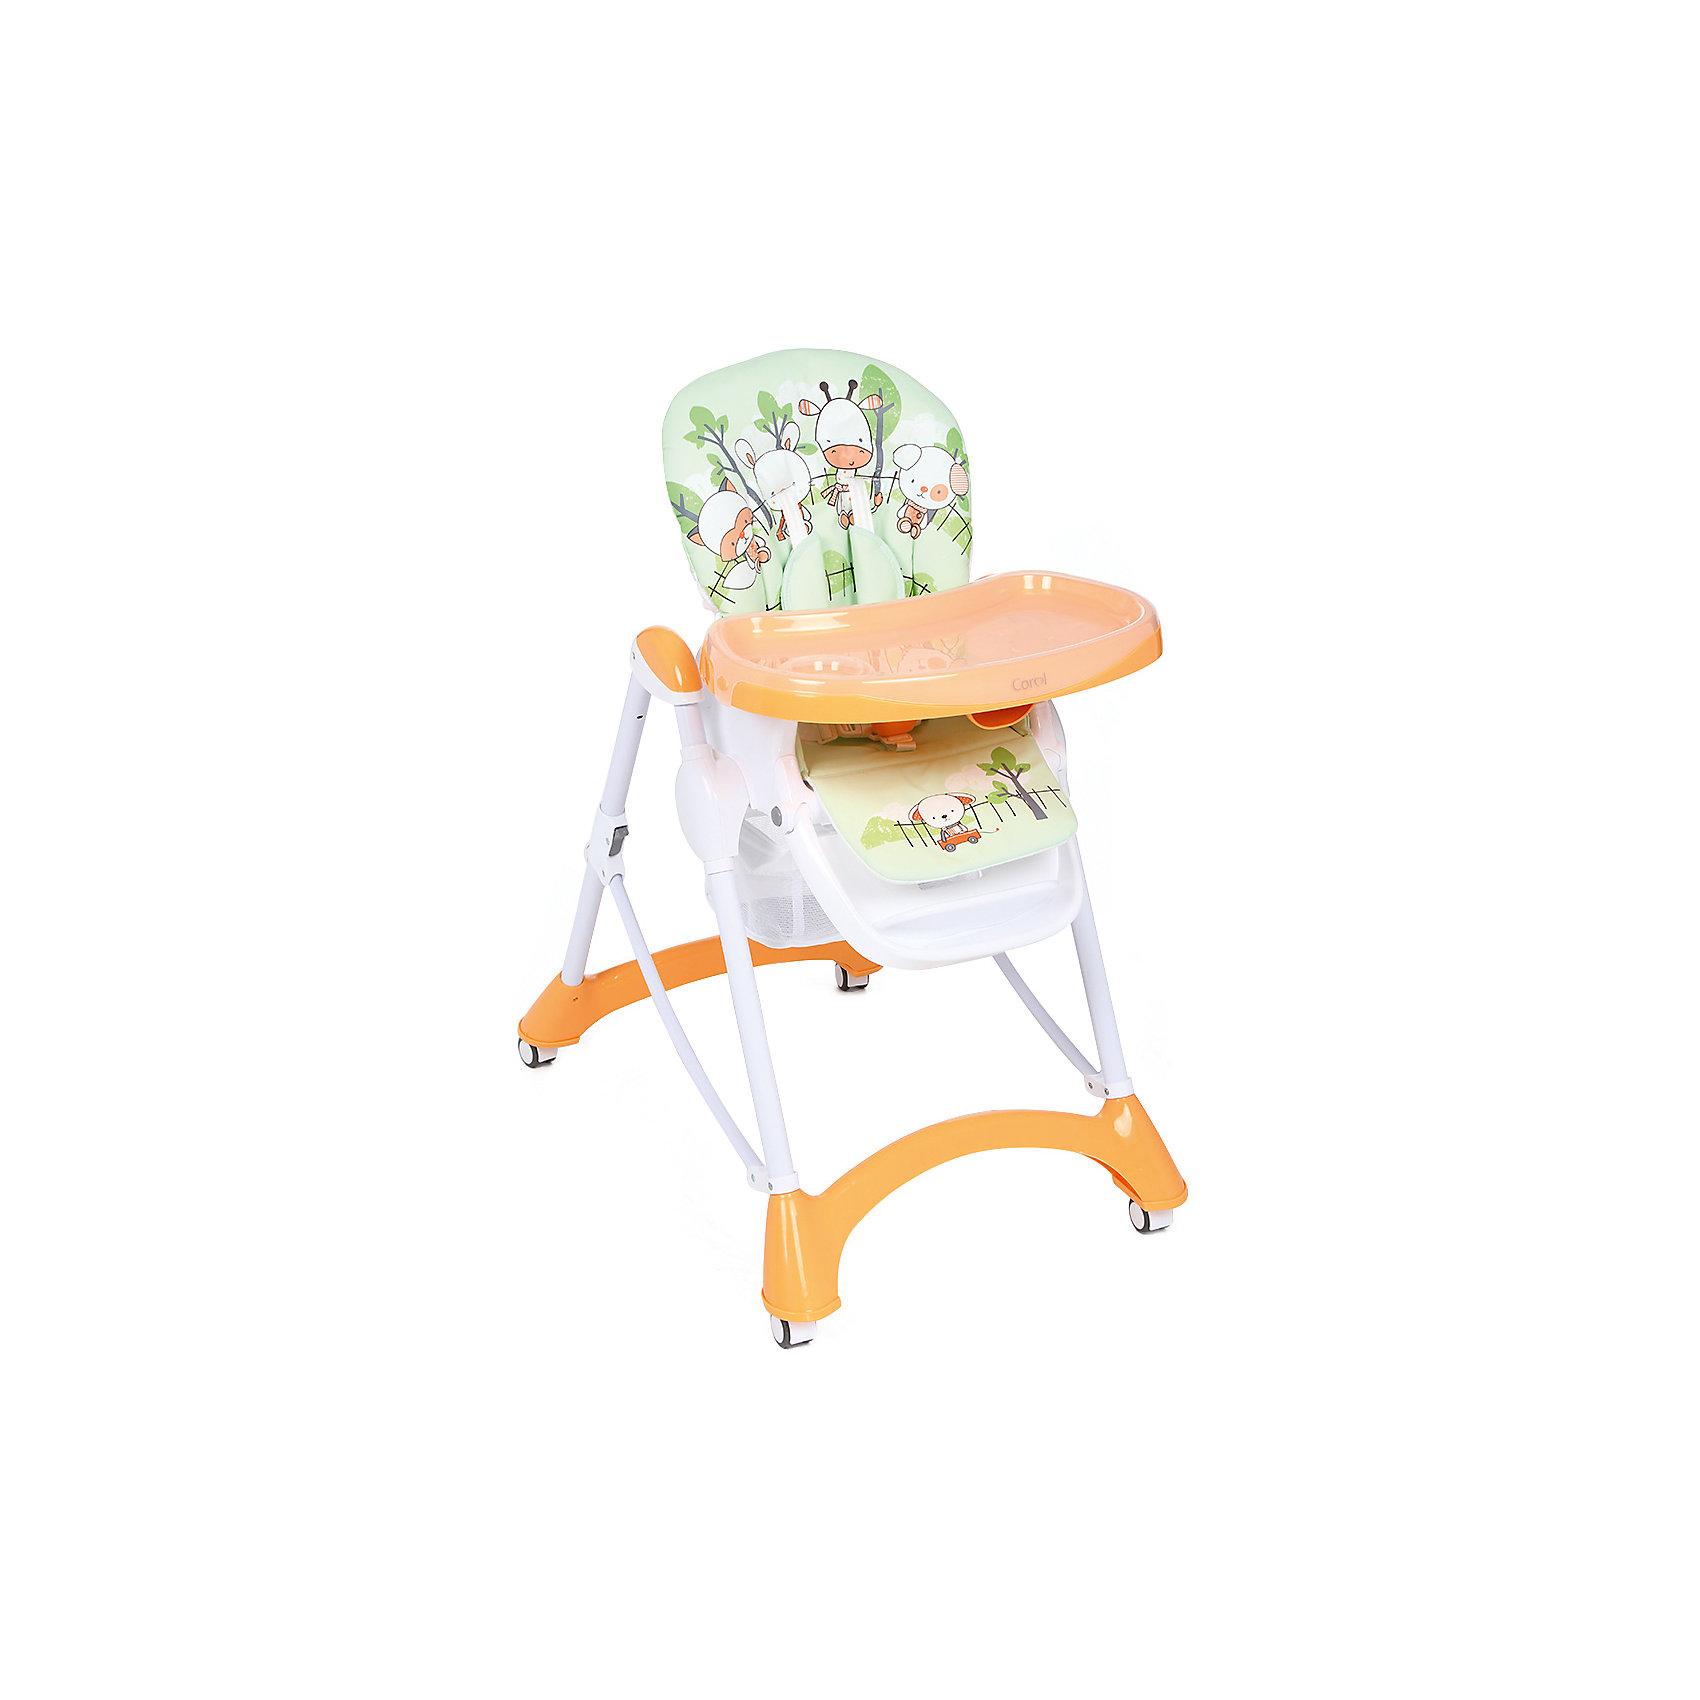 Стульчик для кормления, Corol, оранжевый/салатовый ЗВЕРЯТАот +6 месяцев<br>Прочный и удобный стульчик для кормления позволит посадить ребенка, не беспокоясь при этом о его безопасности. Яркий цвет изделия привлечет внимание малыша. Эта модель очень удобна: угол наклона спинки регулируется, высота - тоже, предусмотрены два угла наклона подножки. <br>Двойной поднос может крепиться на задних ножках. Для удобства перемещения есть колесики с фиксаторами. Сиденье и спинка -  мягкие, конструкция  - очень устойчивая. Изделие произведено из качественных и безопасных для малышей материалов, оно соответствуют всем современным требованиям безопасности.<br> <br>Дополнительная информация:<br><br>цвет: оранжевый, салатовый;<br>принт с овечками;<br>материал: металл;<br>столик съемный, двойной;<br>вес: 9 кг;<br>регулировка по высоте: 7 положений;<br>количество положений спинки: 3;<br>пятиточечные ремни безопасности;<br>колеса;<br>возраст: от 6 до 36 месяцев;<br>размеры стола: 630х1090х900 мм.<br><br>Стульчик для кормления, оранжевый/салатовый ЗВЕРЯТА от компании Corol можно купить в нашем магазине.<br><br>Ширина мм: 1090<br>Глубина мм: 490<br>Высота мм: 550<br>Вес г: 8450<br>Возраст от месяцев: 6<br>Возраст до месяцев: 36<br>Пол: Унисекс<br>Возраст: Детский<br>SKU: 4778479